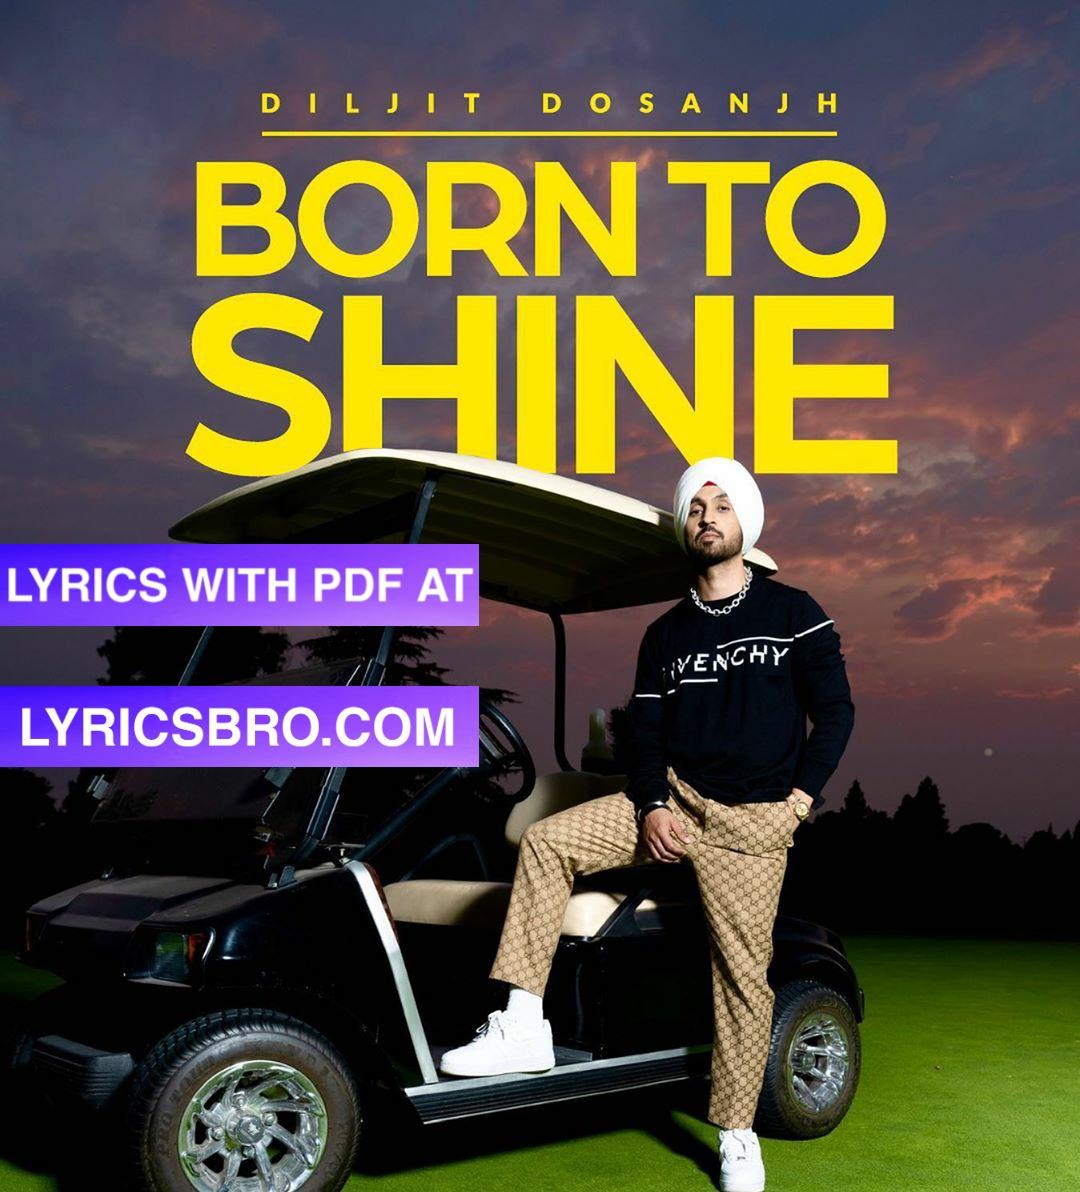 Born to shine lyrics in punjabi